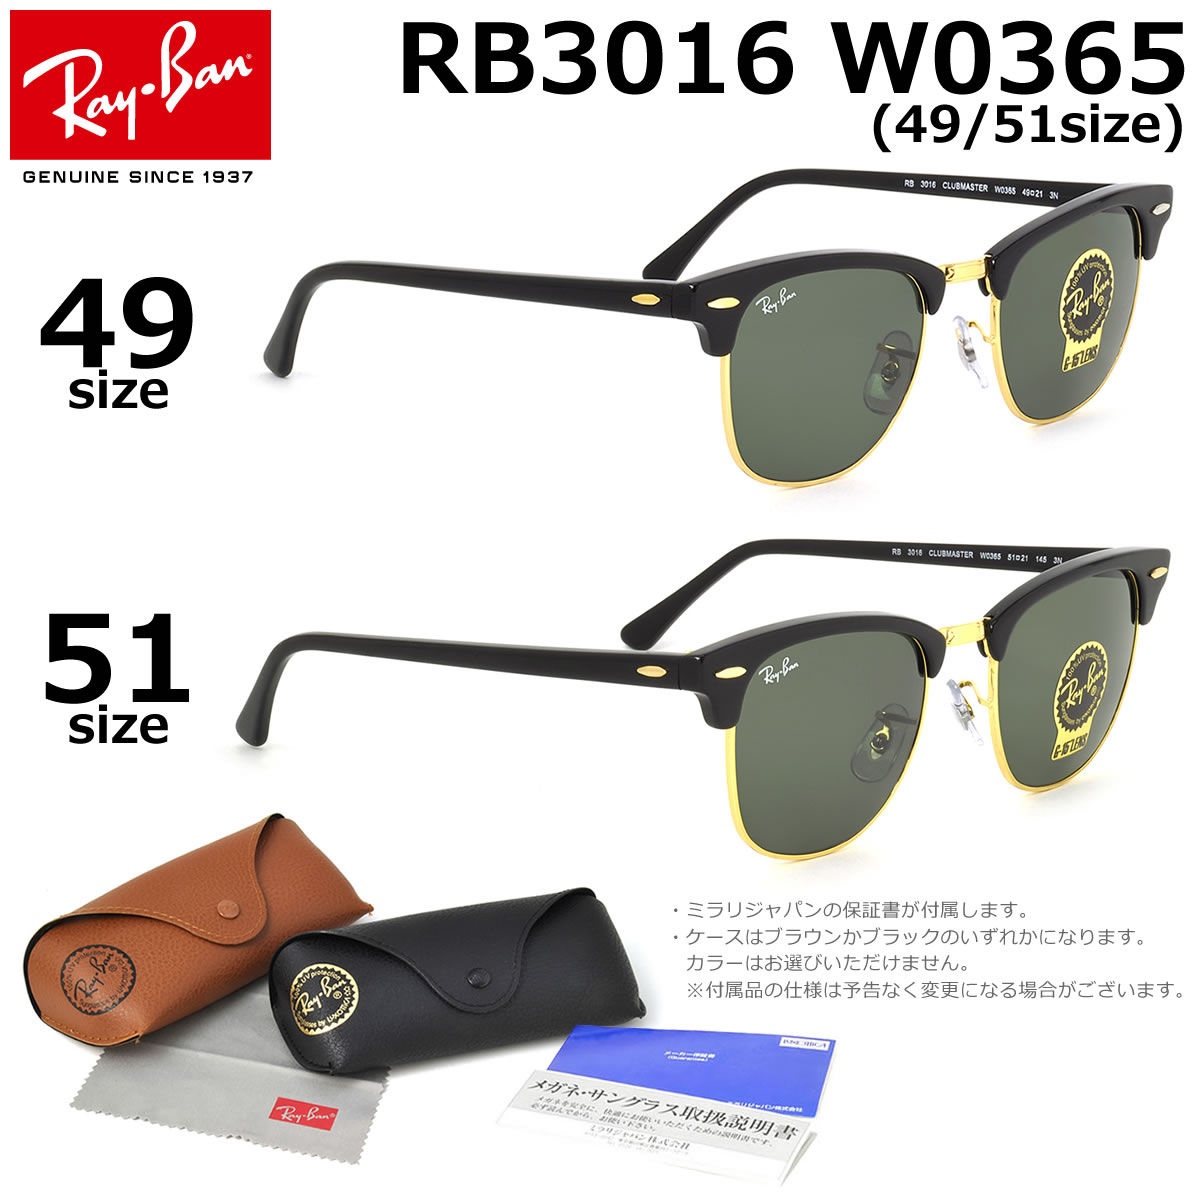 レイバン サングラス クラブマスター Ray-Ban RB3016 W0365 49サイズ 51サイズRAYBAN CLUBMASTER サーモント ブロー ICONS アイコン メンズ レディース